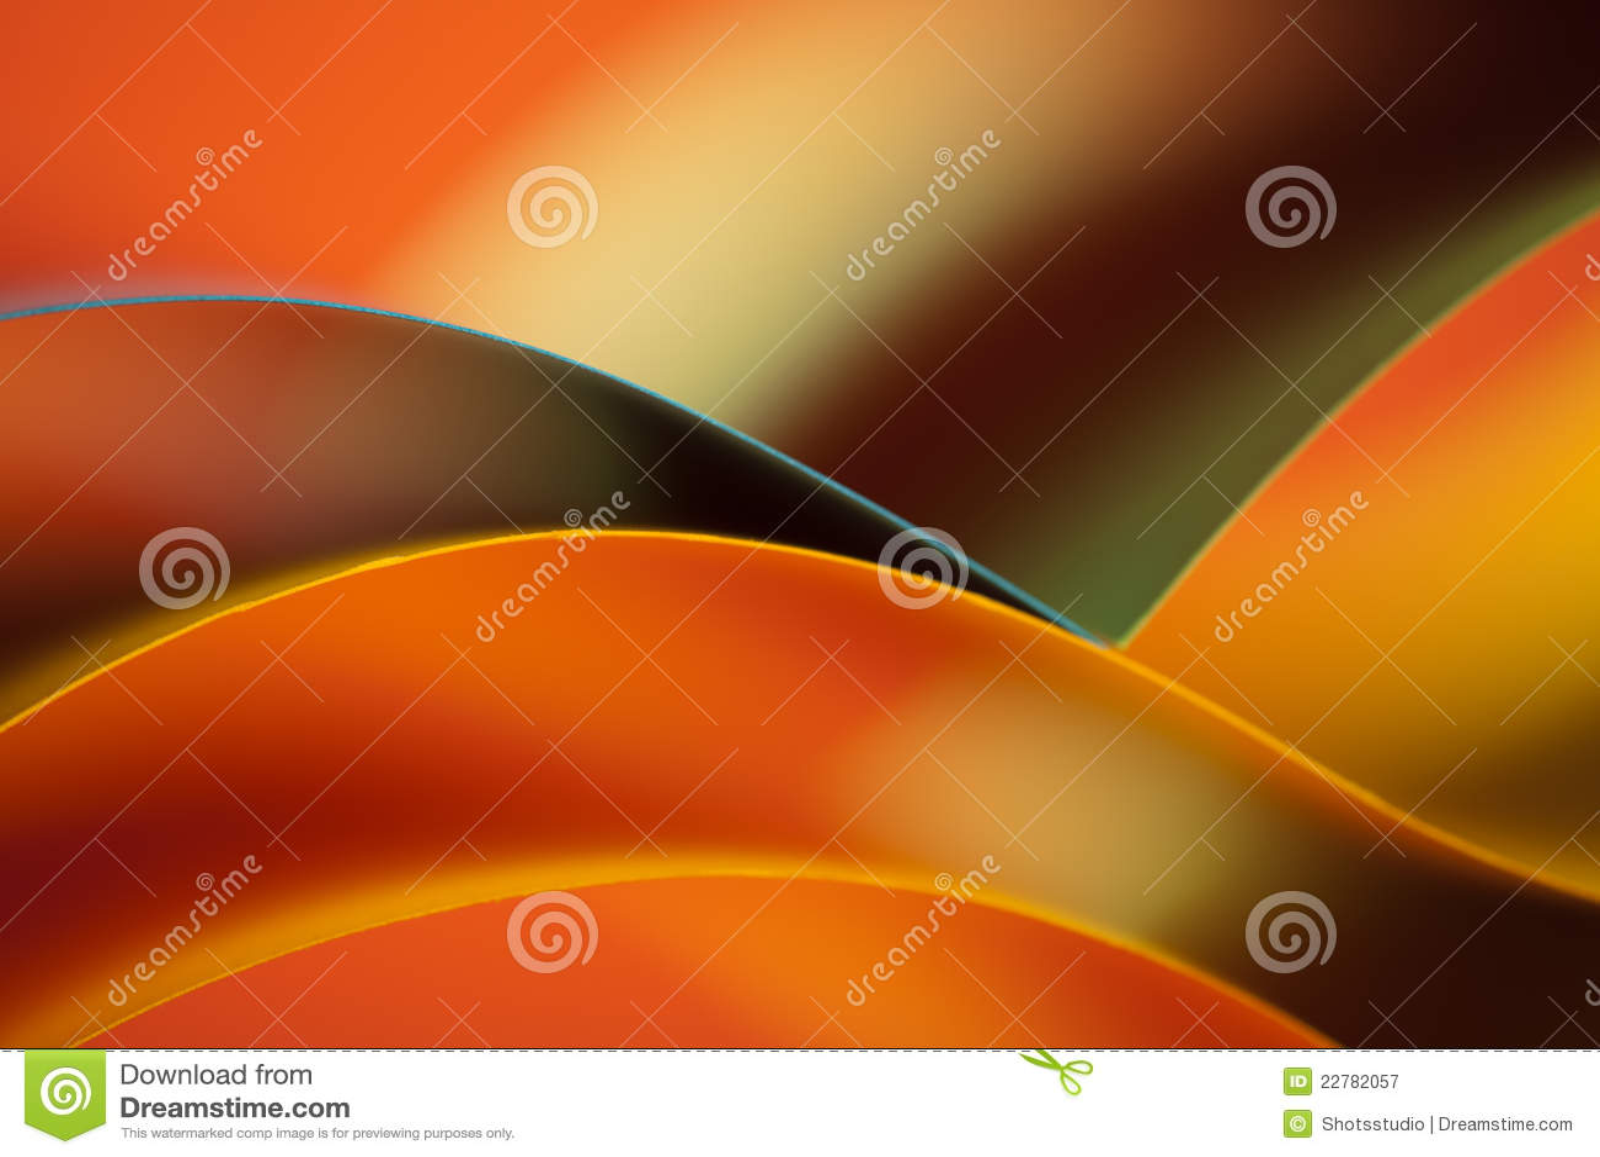 抽象背景色的橙色纸张